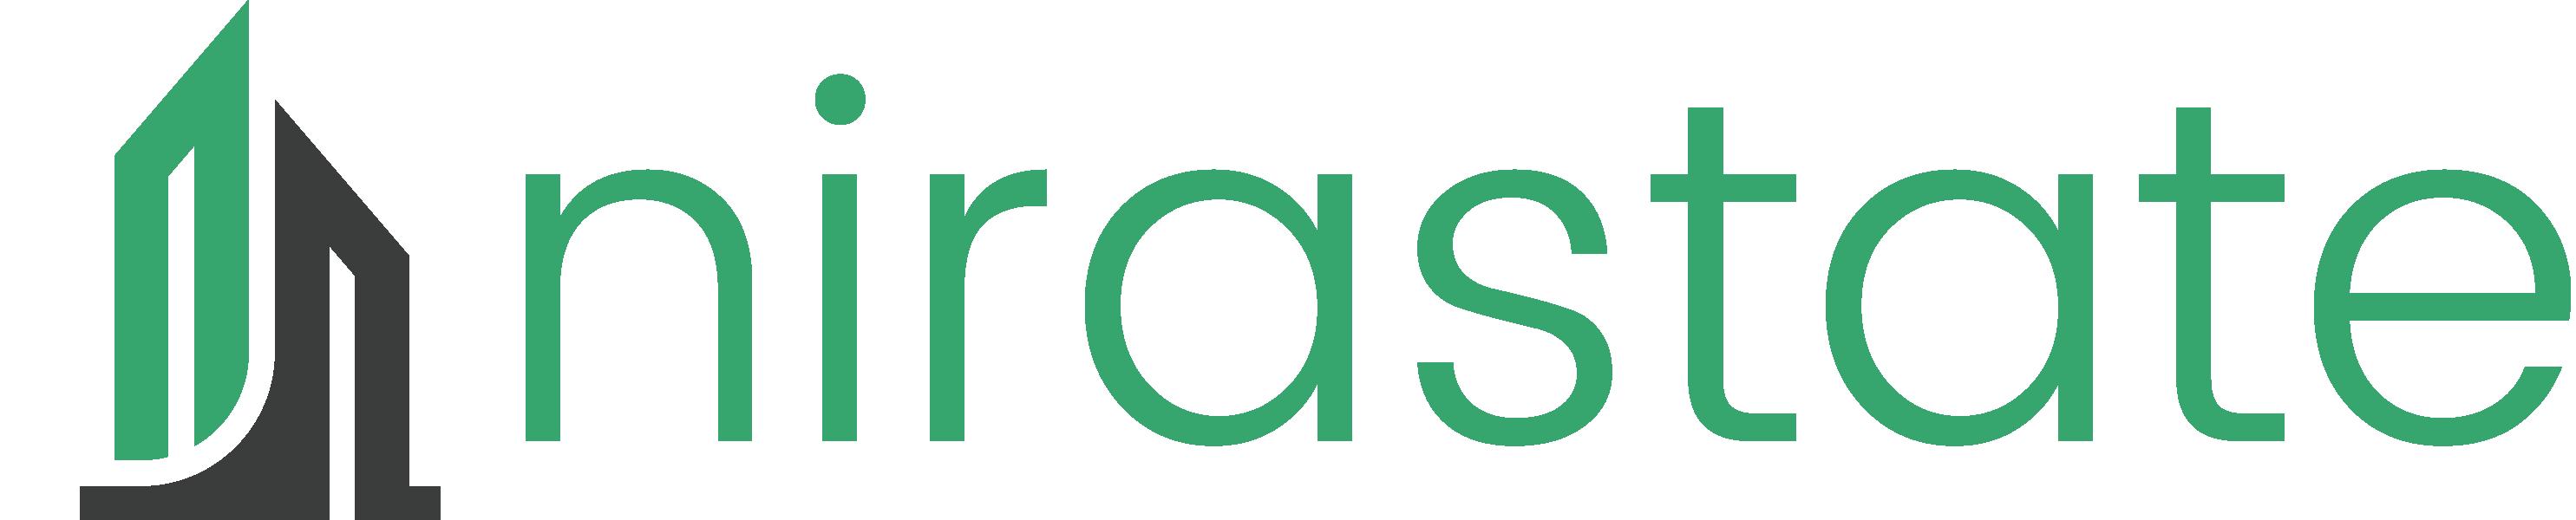 https://builder.stackedsite.com/wp-content/uploads/sites/574/2019/06/nirastate.png